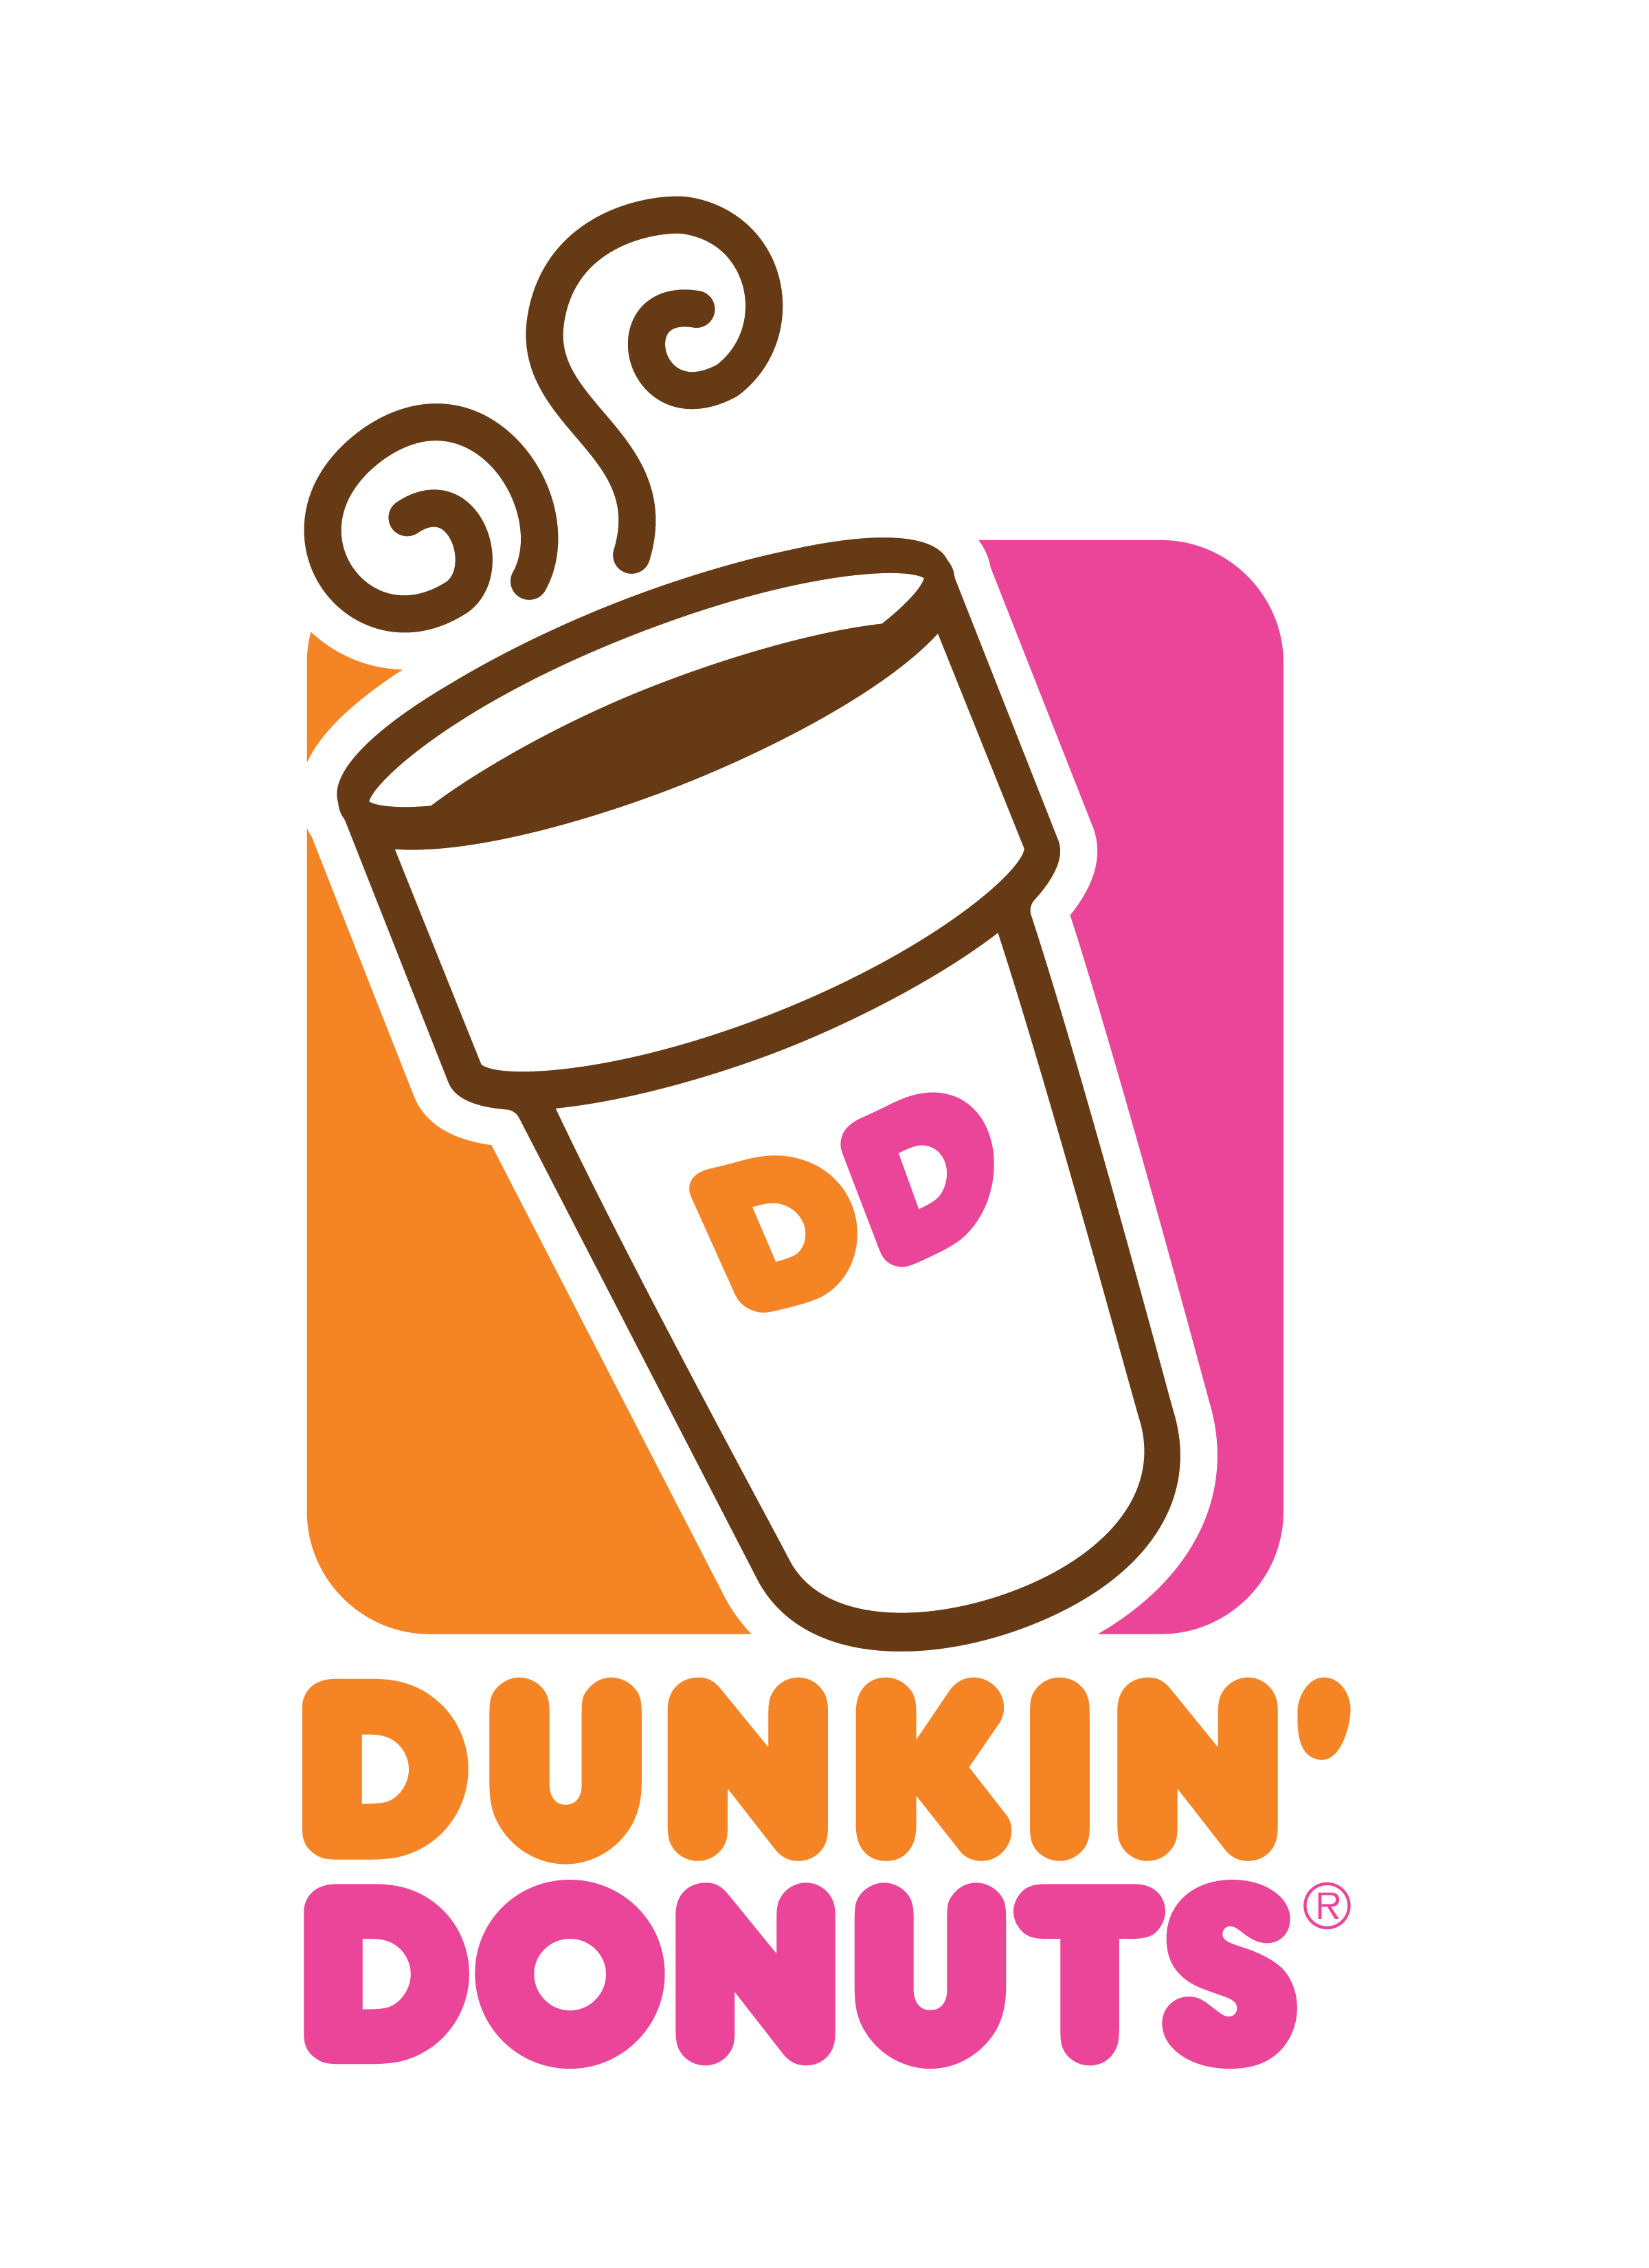 dunkin donuts png logo Dunkin, Dunkin donuts, Dunkin dounuts